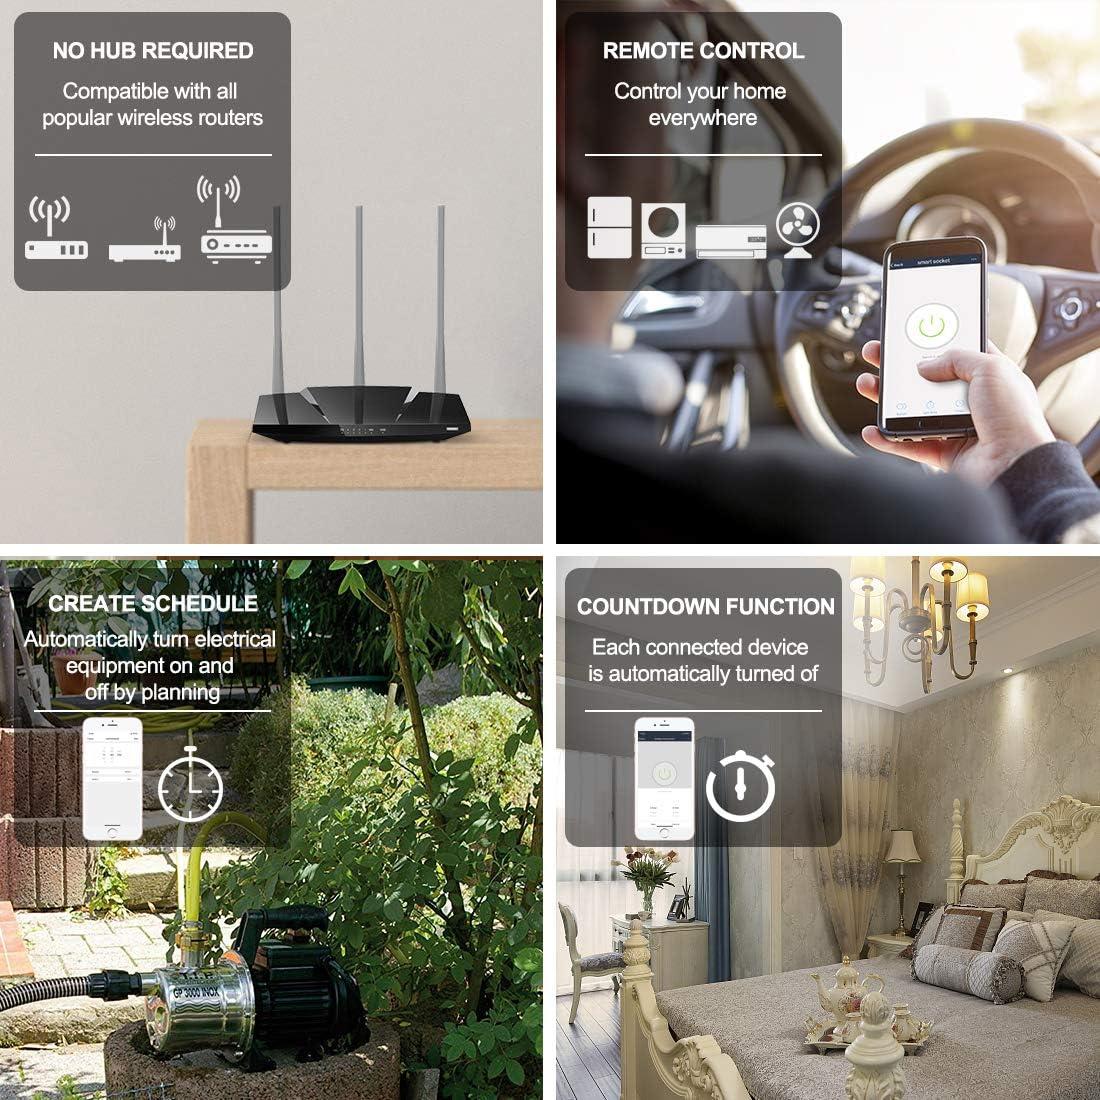 LoraTap 2 Piezas Interruptor WiFi Inteligente Módulo de Interruptor Inalámbrico Temporizador Control Remoto por App iOS o Android, Compatible con Alexa Echo, Google Home e IFTTT, 10A/2500W: Amazon.es: Bricolaje y herramientas